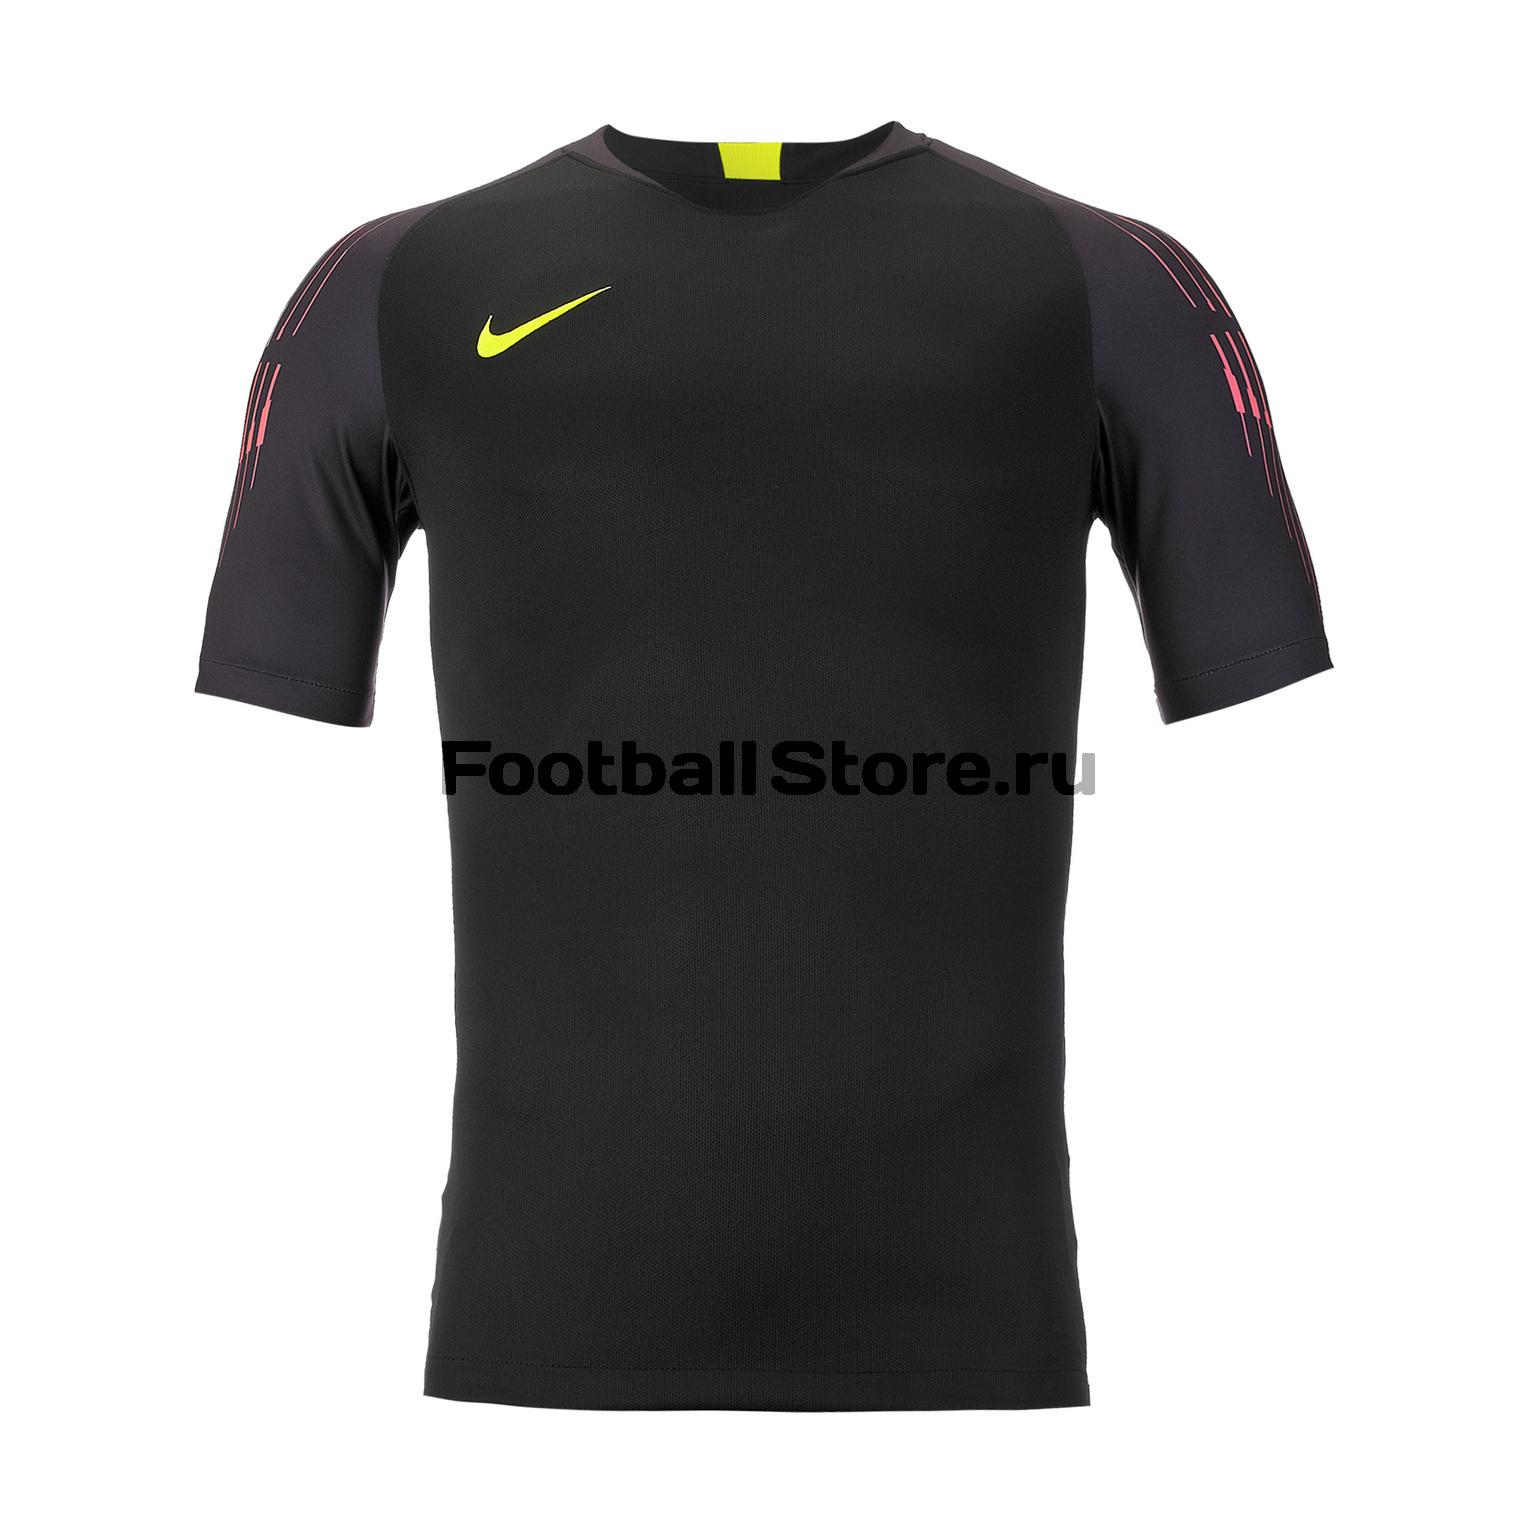 cbfdc8e5c26 Вратарская футболка Nike Gardien II GK SS 894512-010 – купить в ...